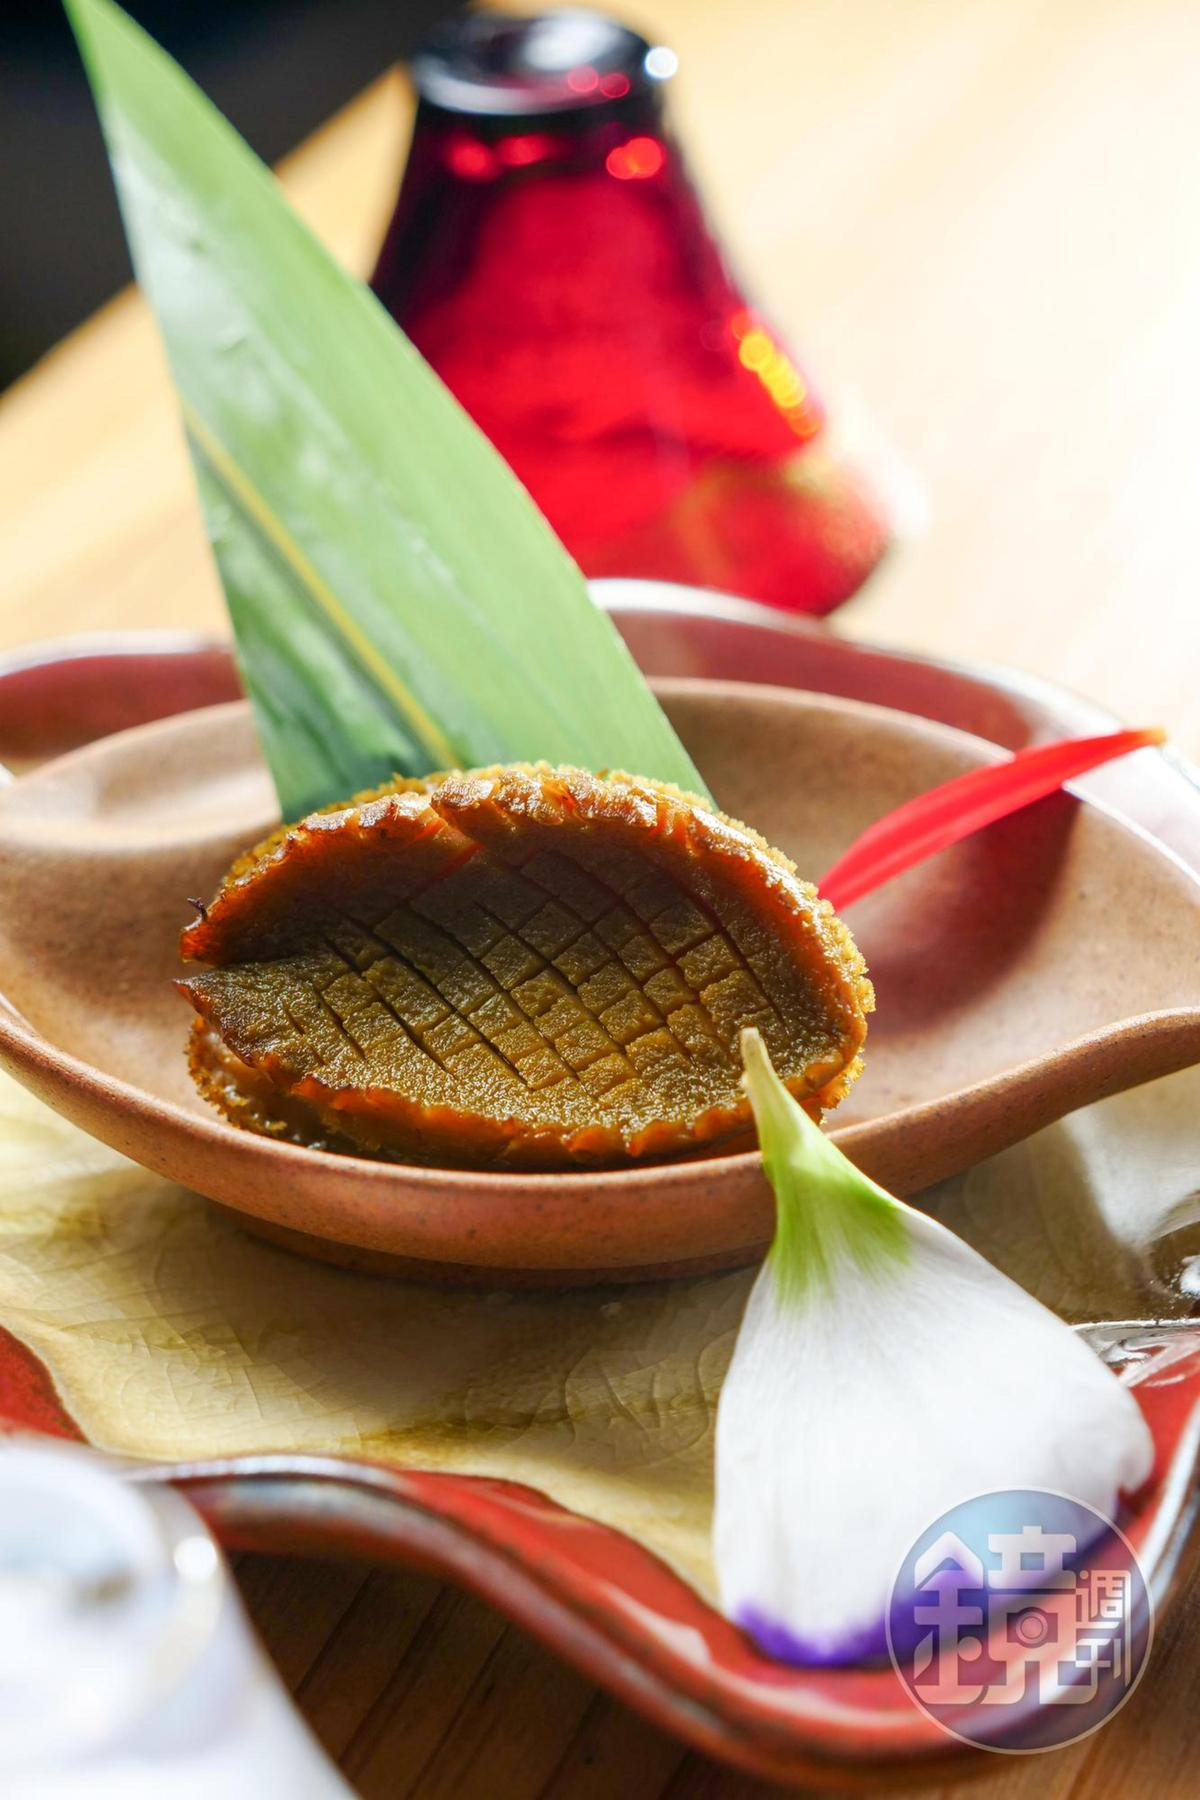 「鮑魚有馬炙燒」用鮑魚肝做醬汁,海味中帶苦甘,是大人的味覺。